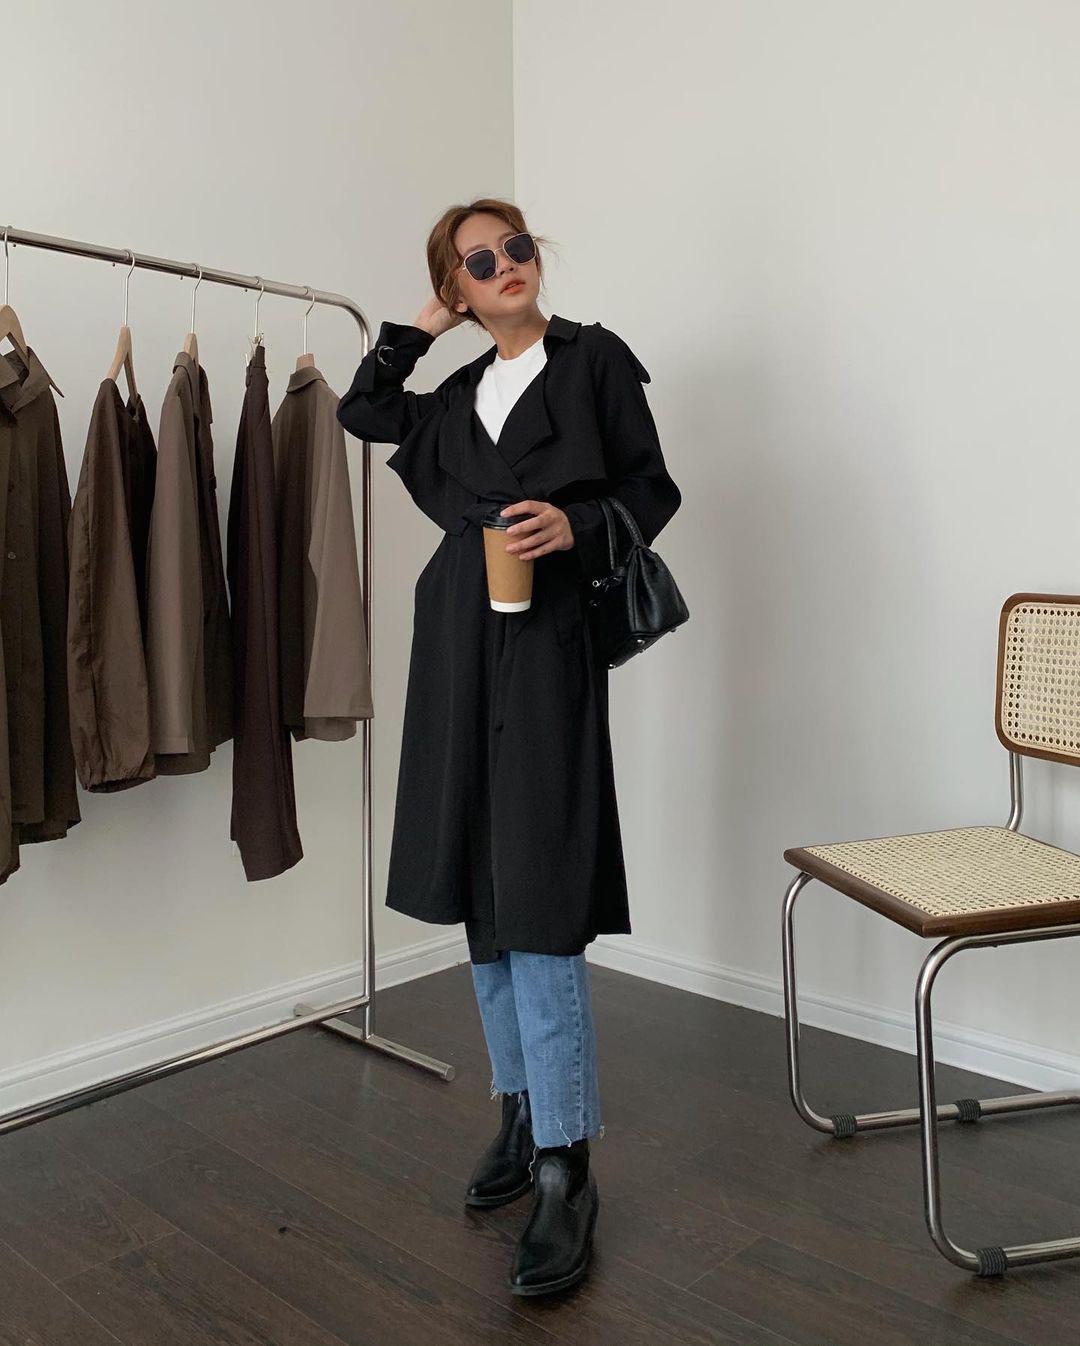 Sắm trench coat lúc này là đúng đắn nhất, lên đồ đơn giản cỡ nào cũng sang chảnh hay ho như gái Hàn - Ảnh 8.